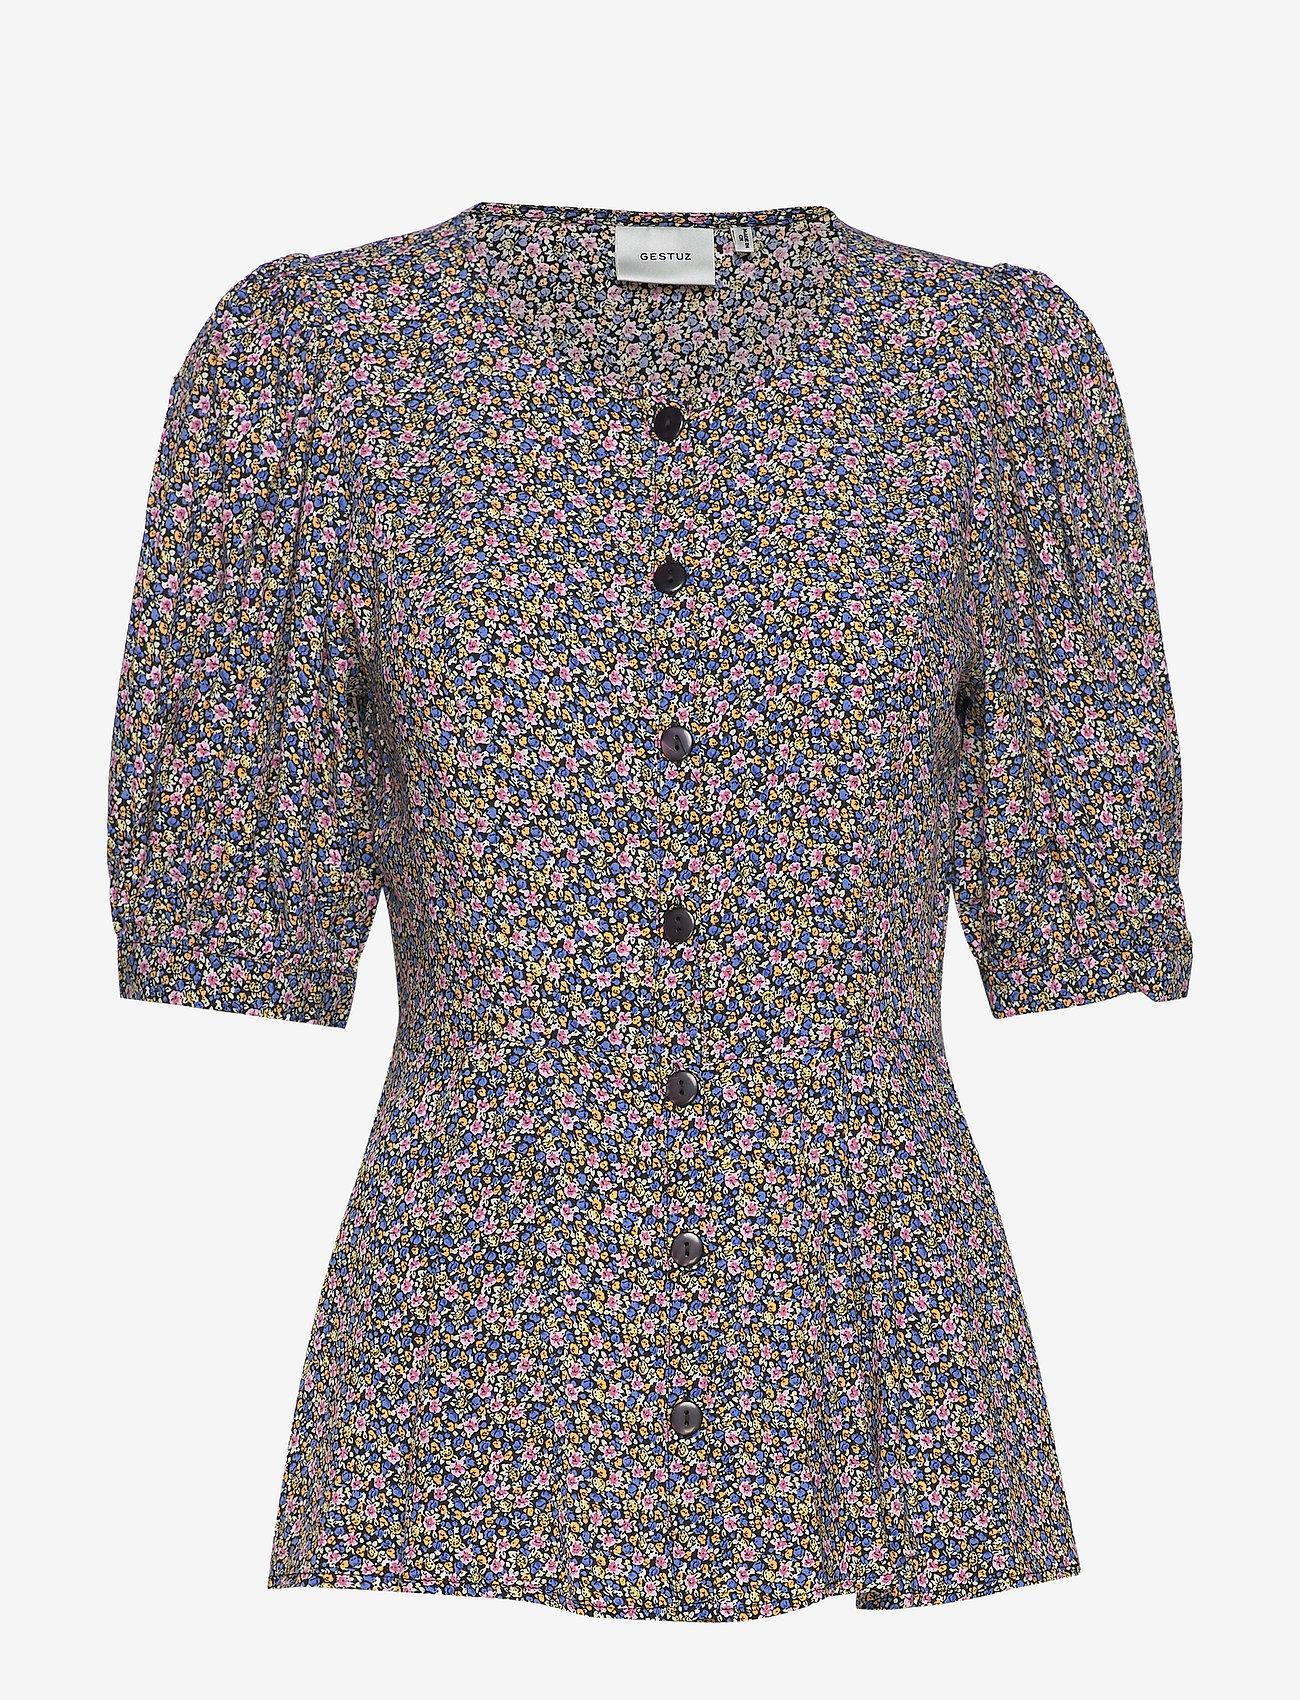 Gestuz - DevaGZ blouse HS20 - short-sleeved blouses - small flower black - 1